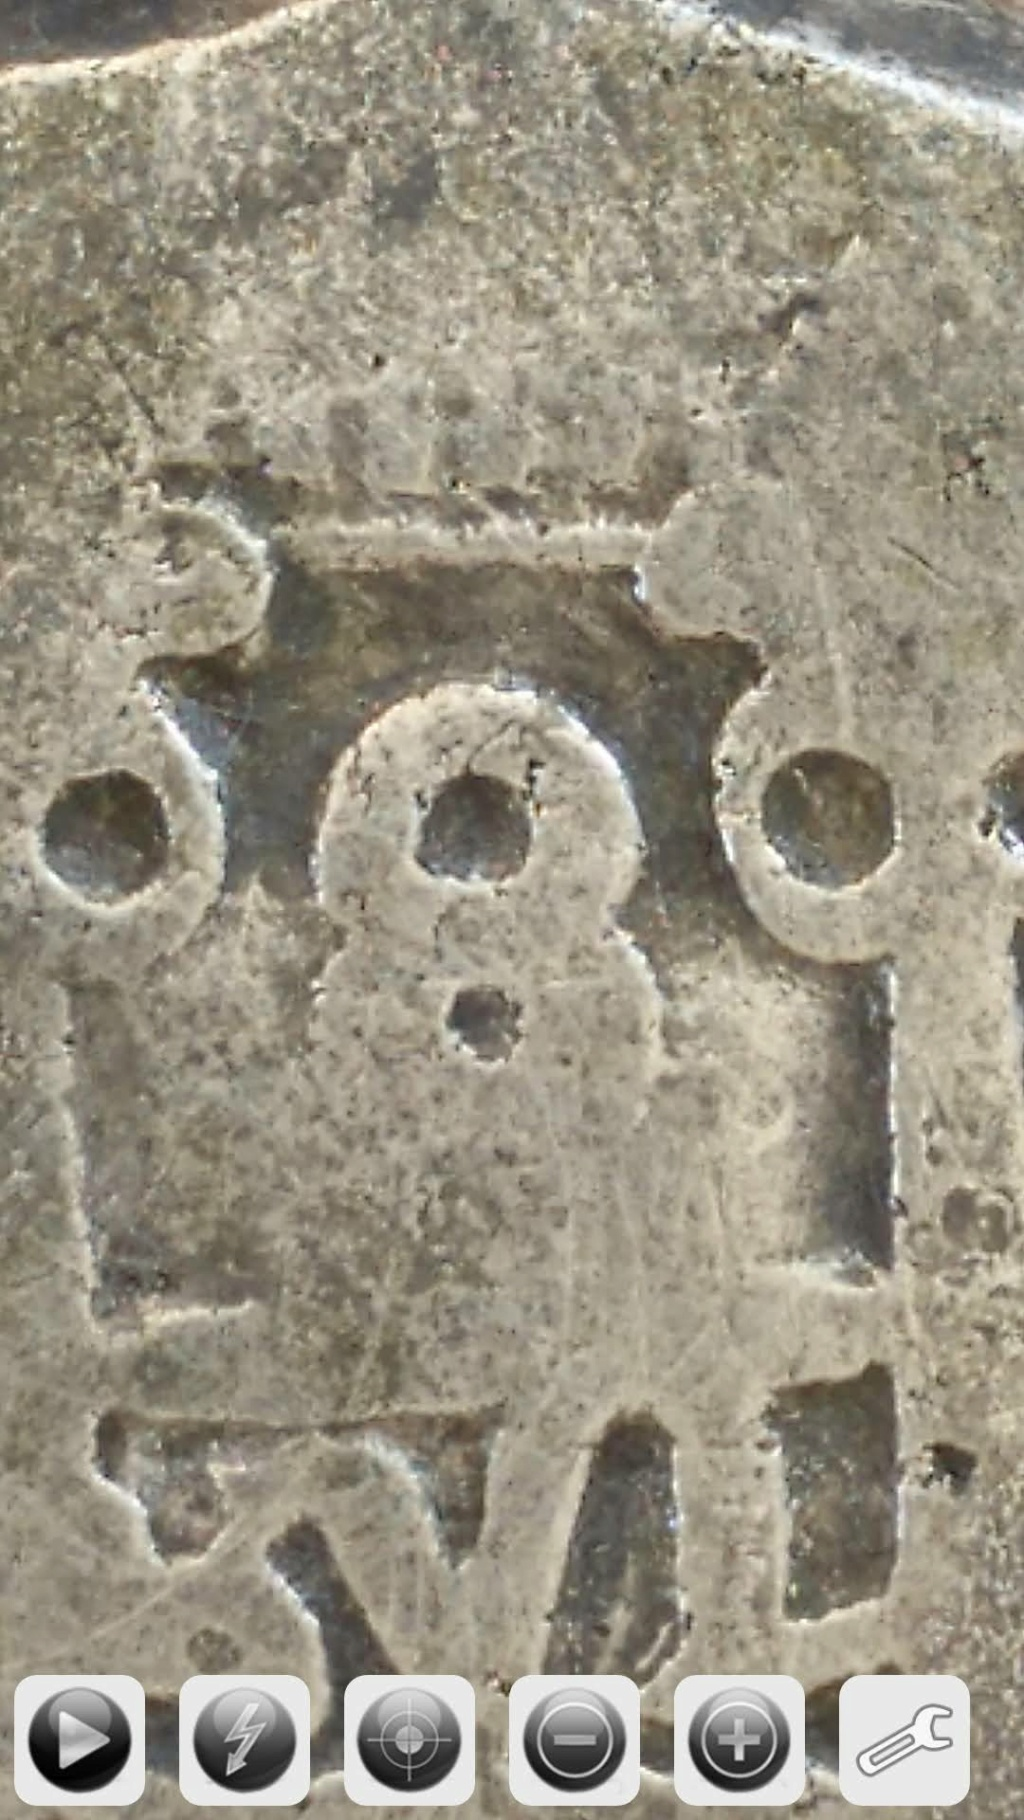 Identificación de ceca - 8 reales macuquinos de 1748 Screen21